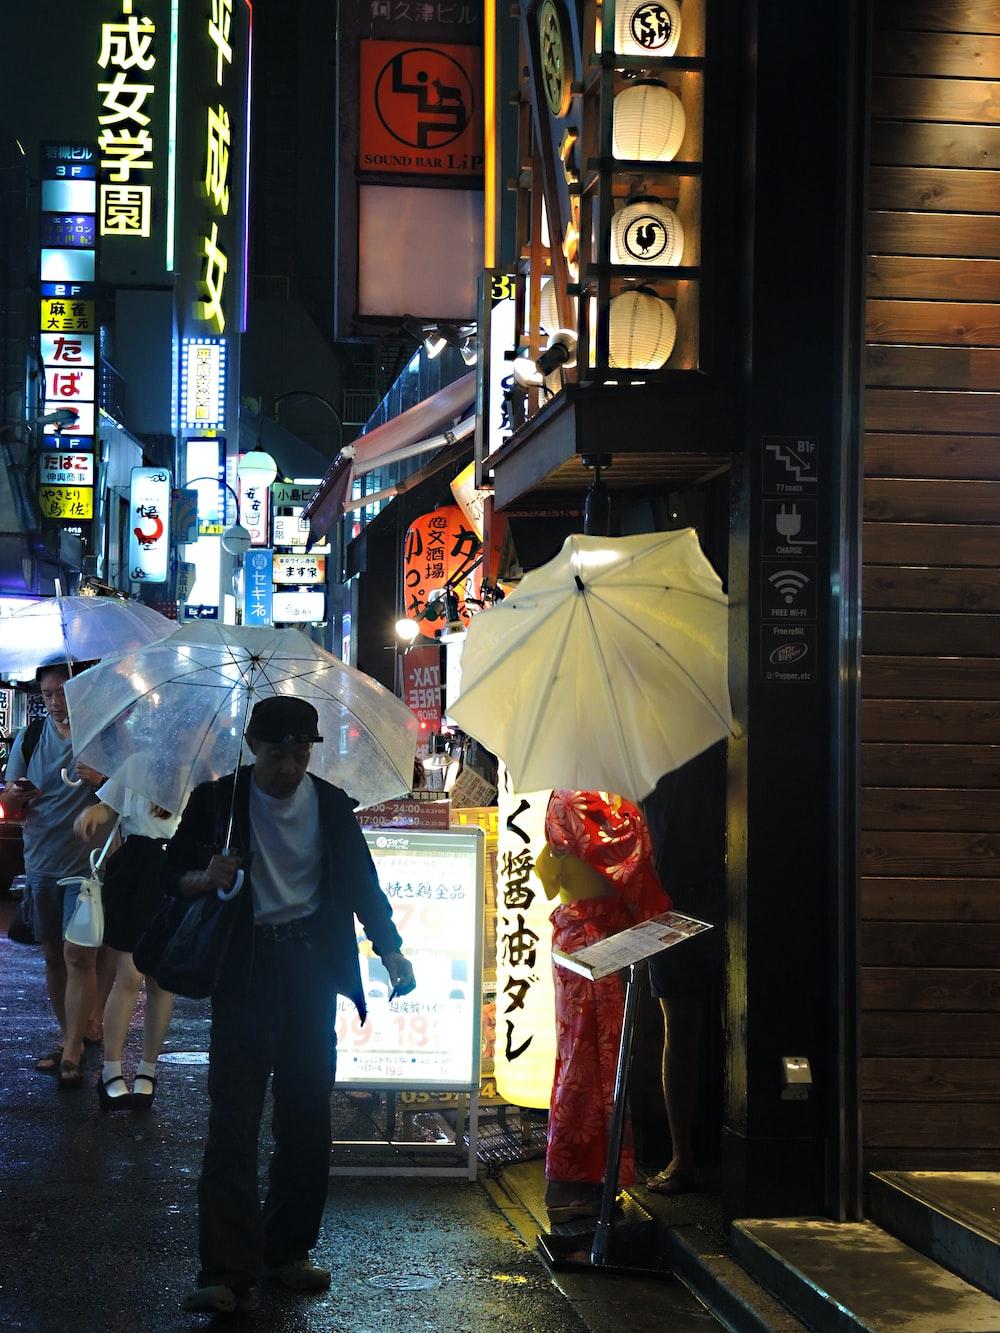 man in black jacket holding umbrella walking on street during nighttime